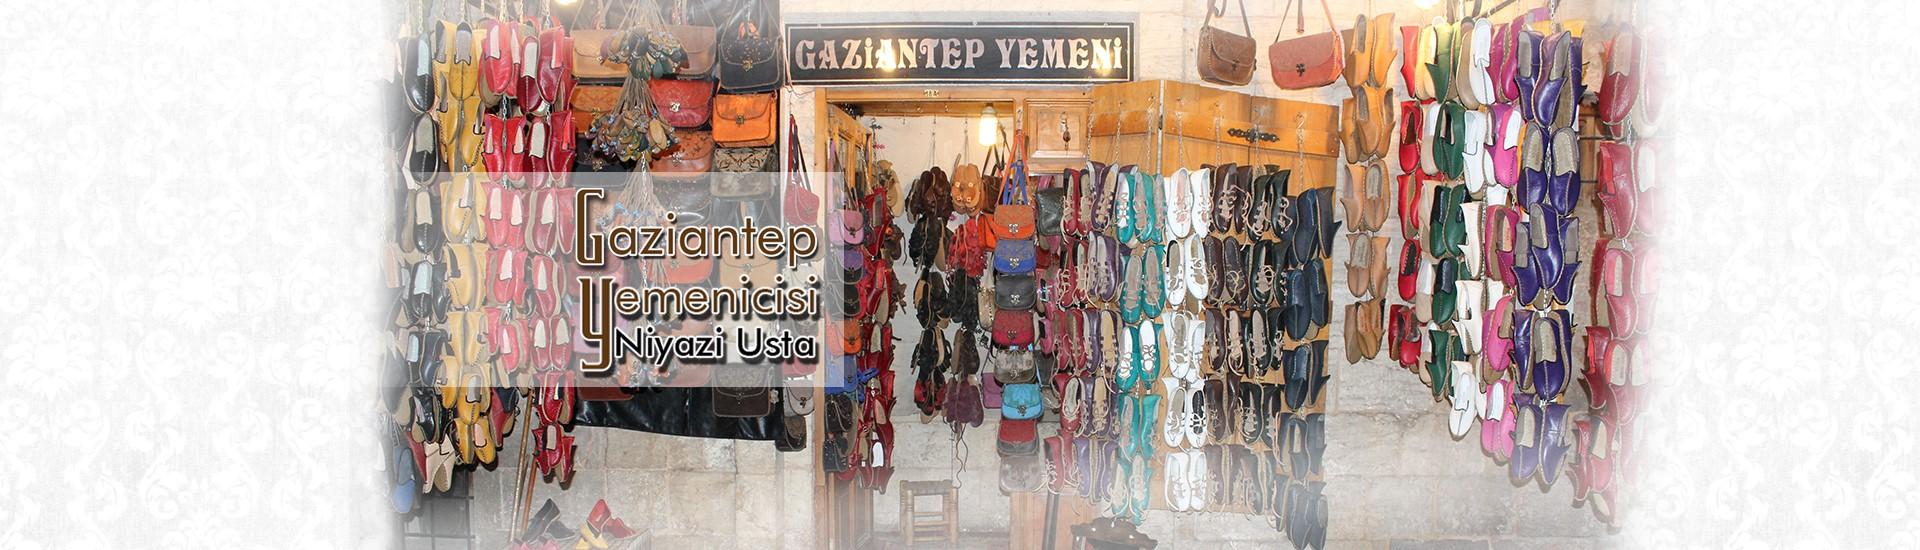 yemenici_niyazi_usta3